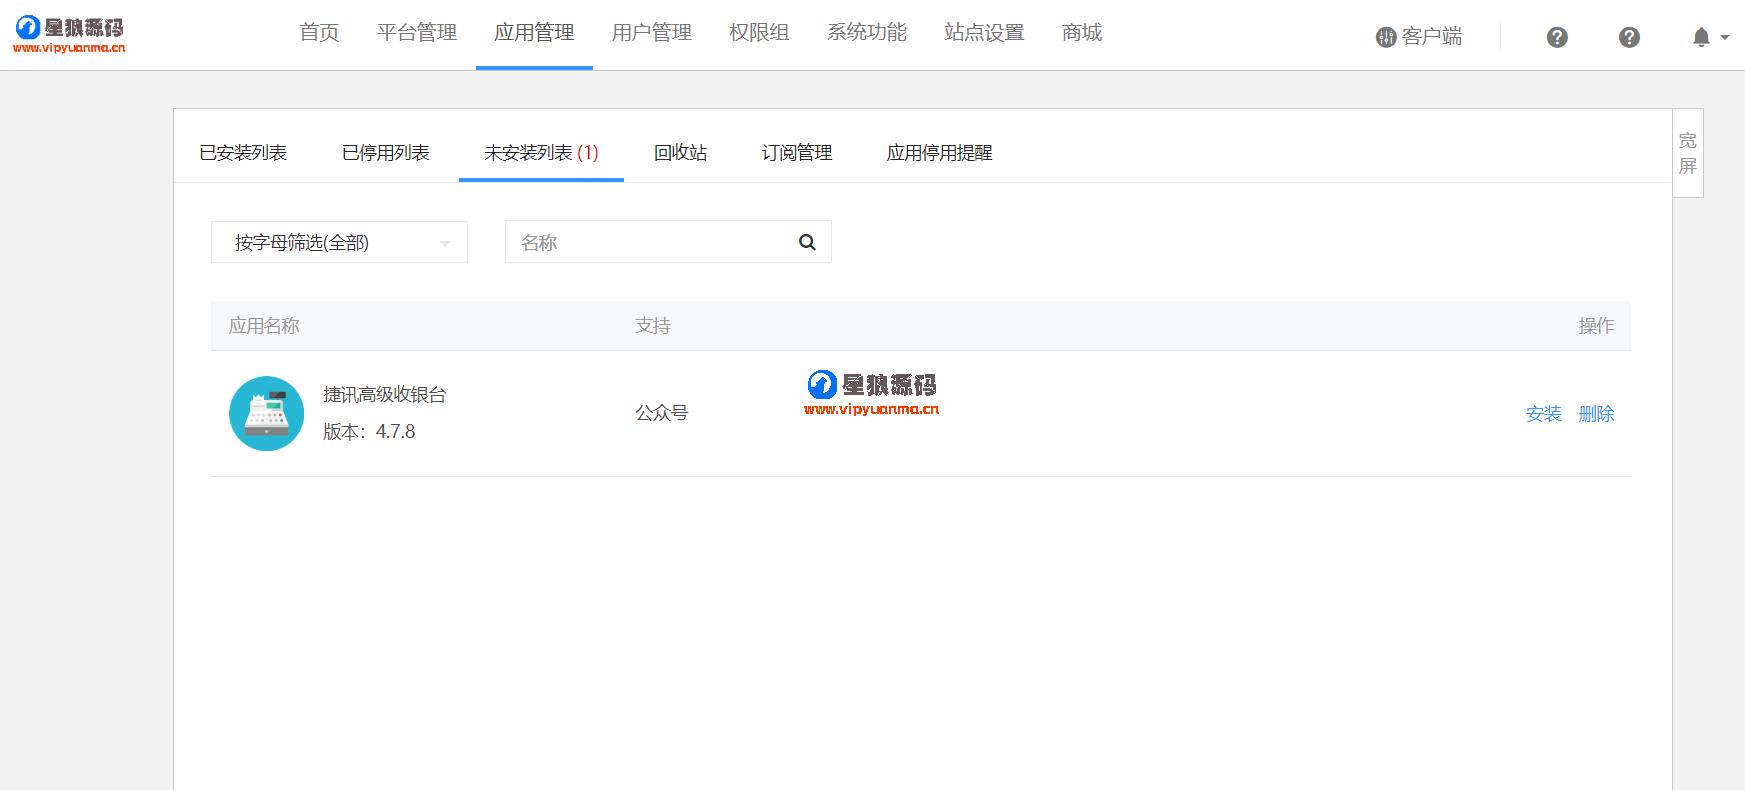 捷讯高级收银台V4.7.8原版模块打包去授权版(星狼源码) 第2张